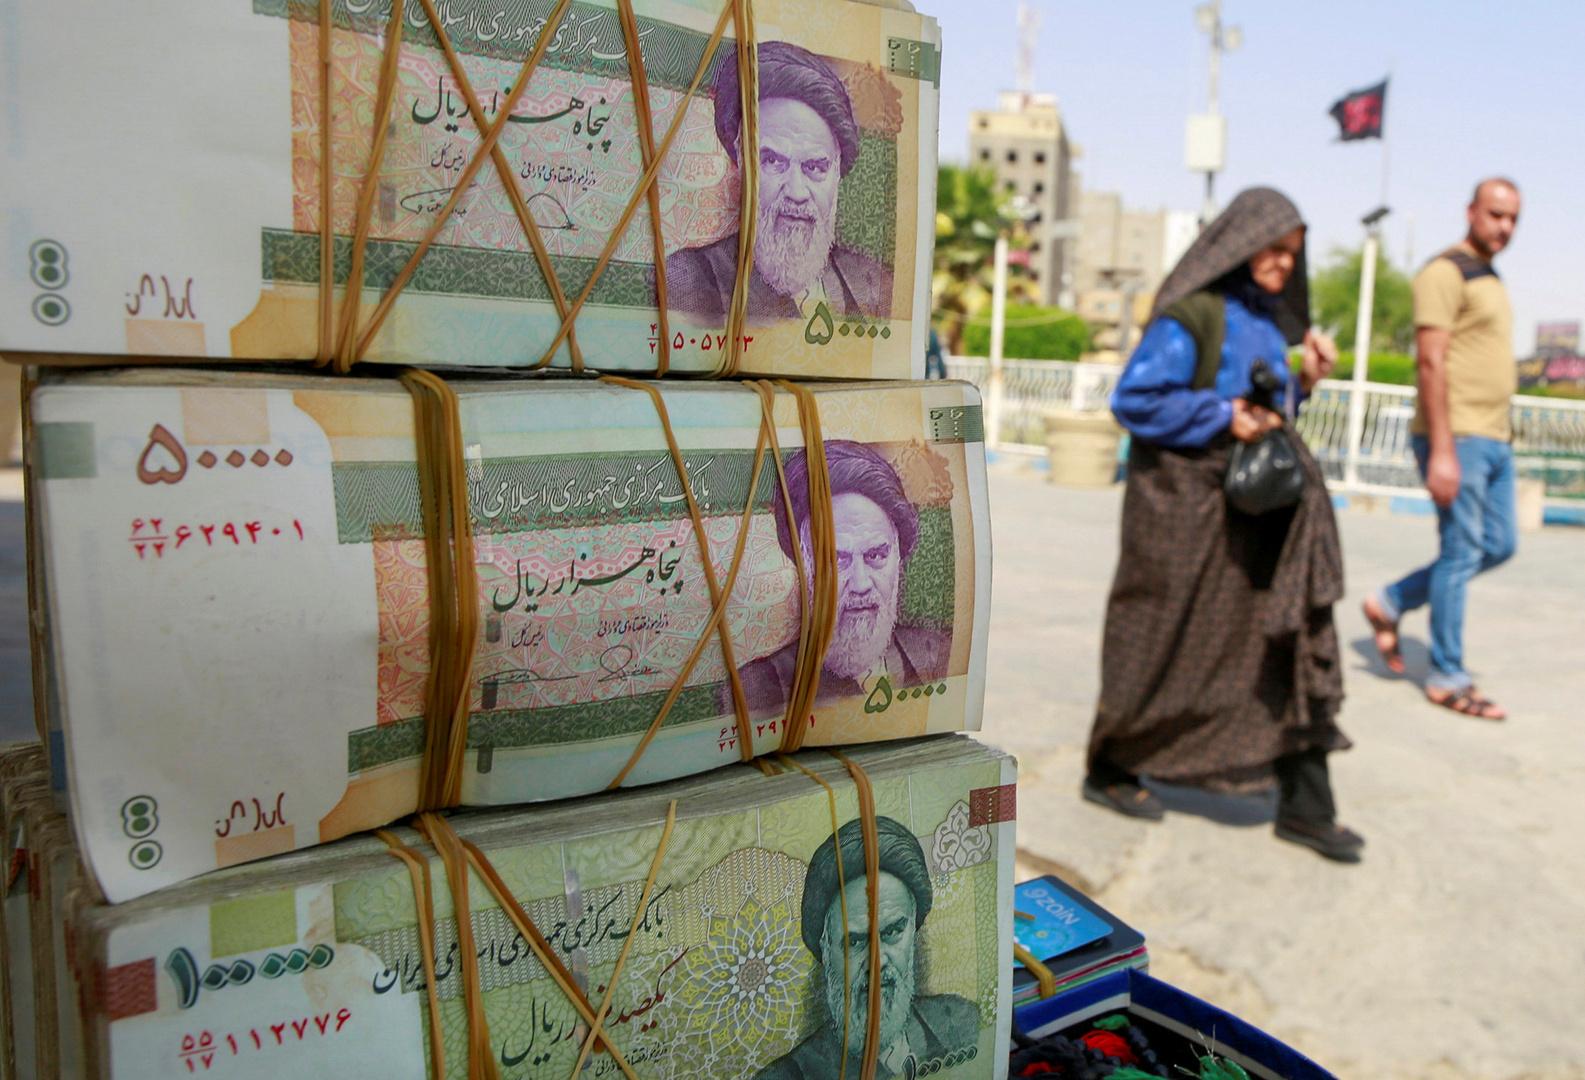 الرئيس الإيراني: هبوط الريال مؤقت وعابر